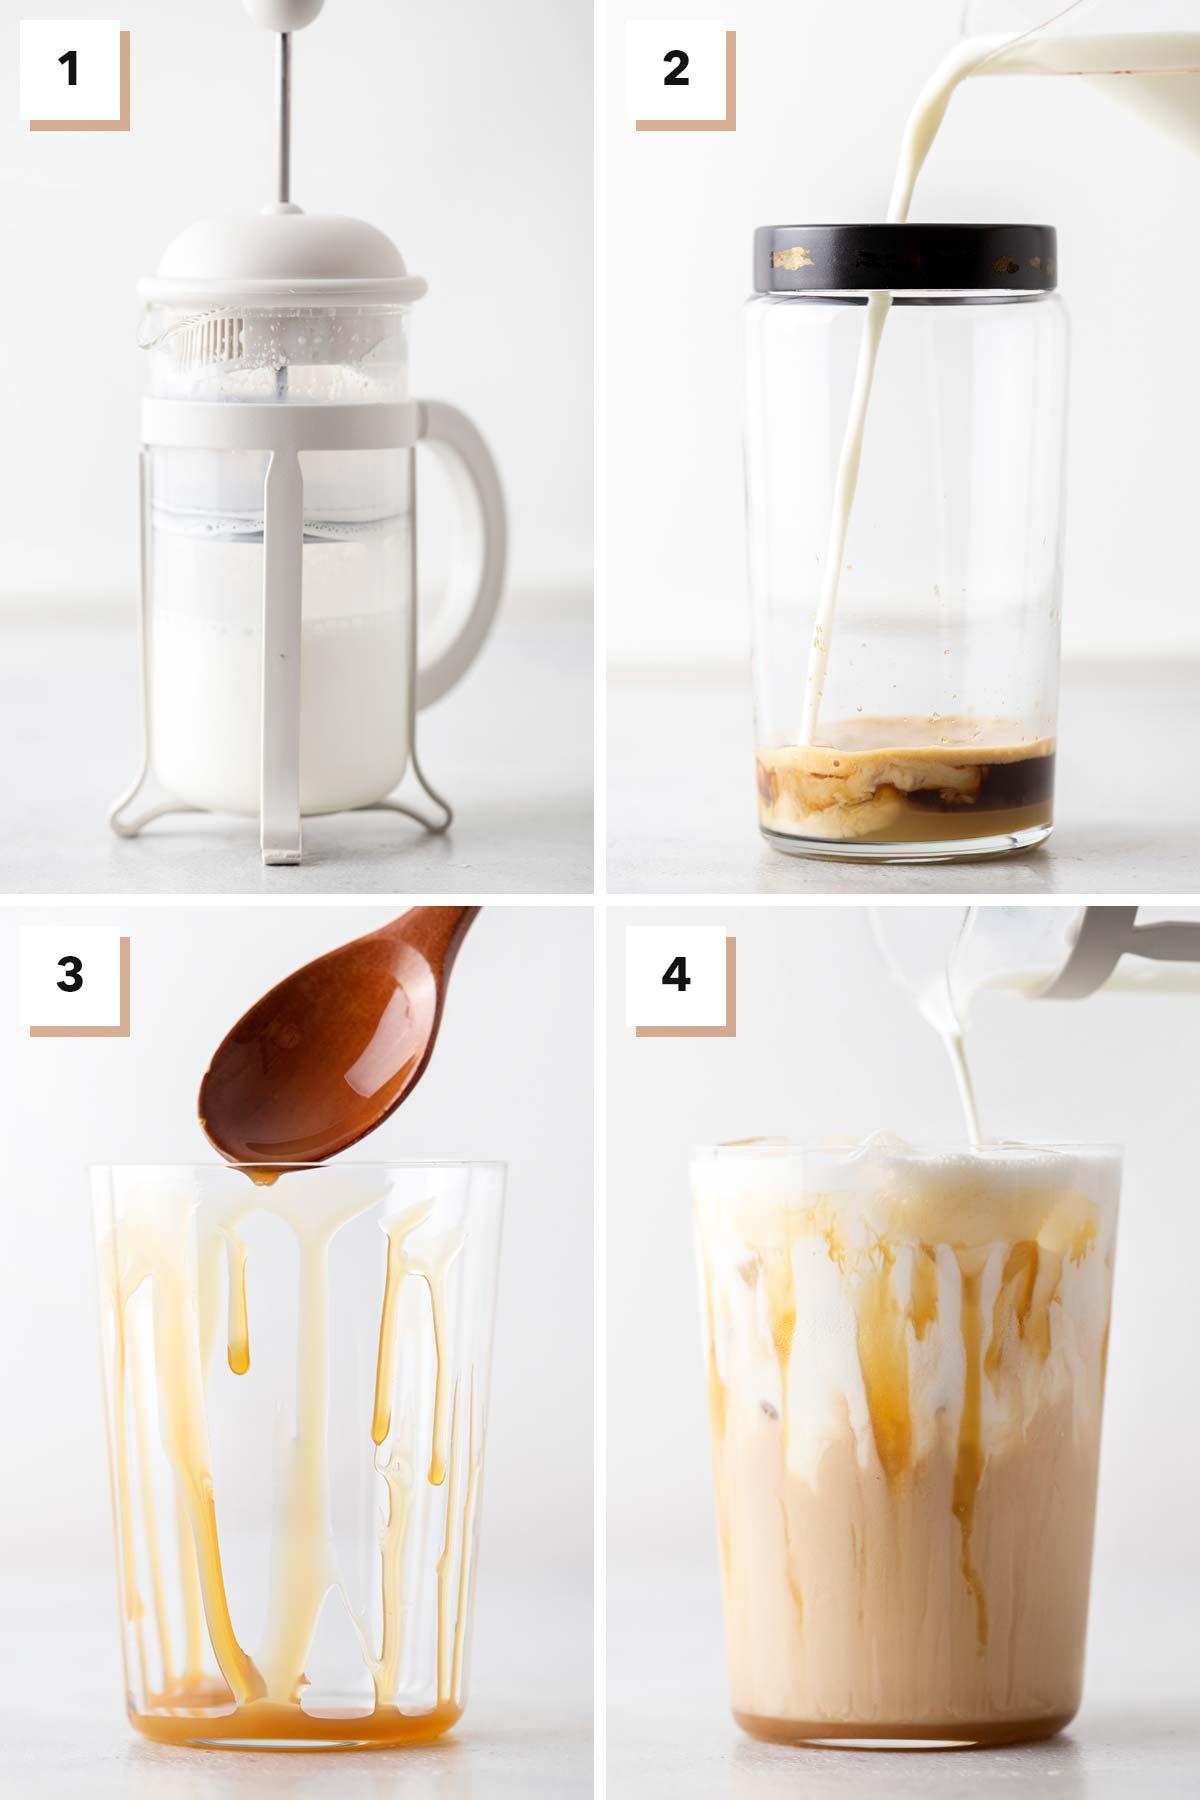 Four photo collage showing steps to make TikTok Starbucks Iced White Mocha.